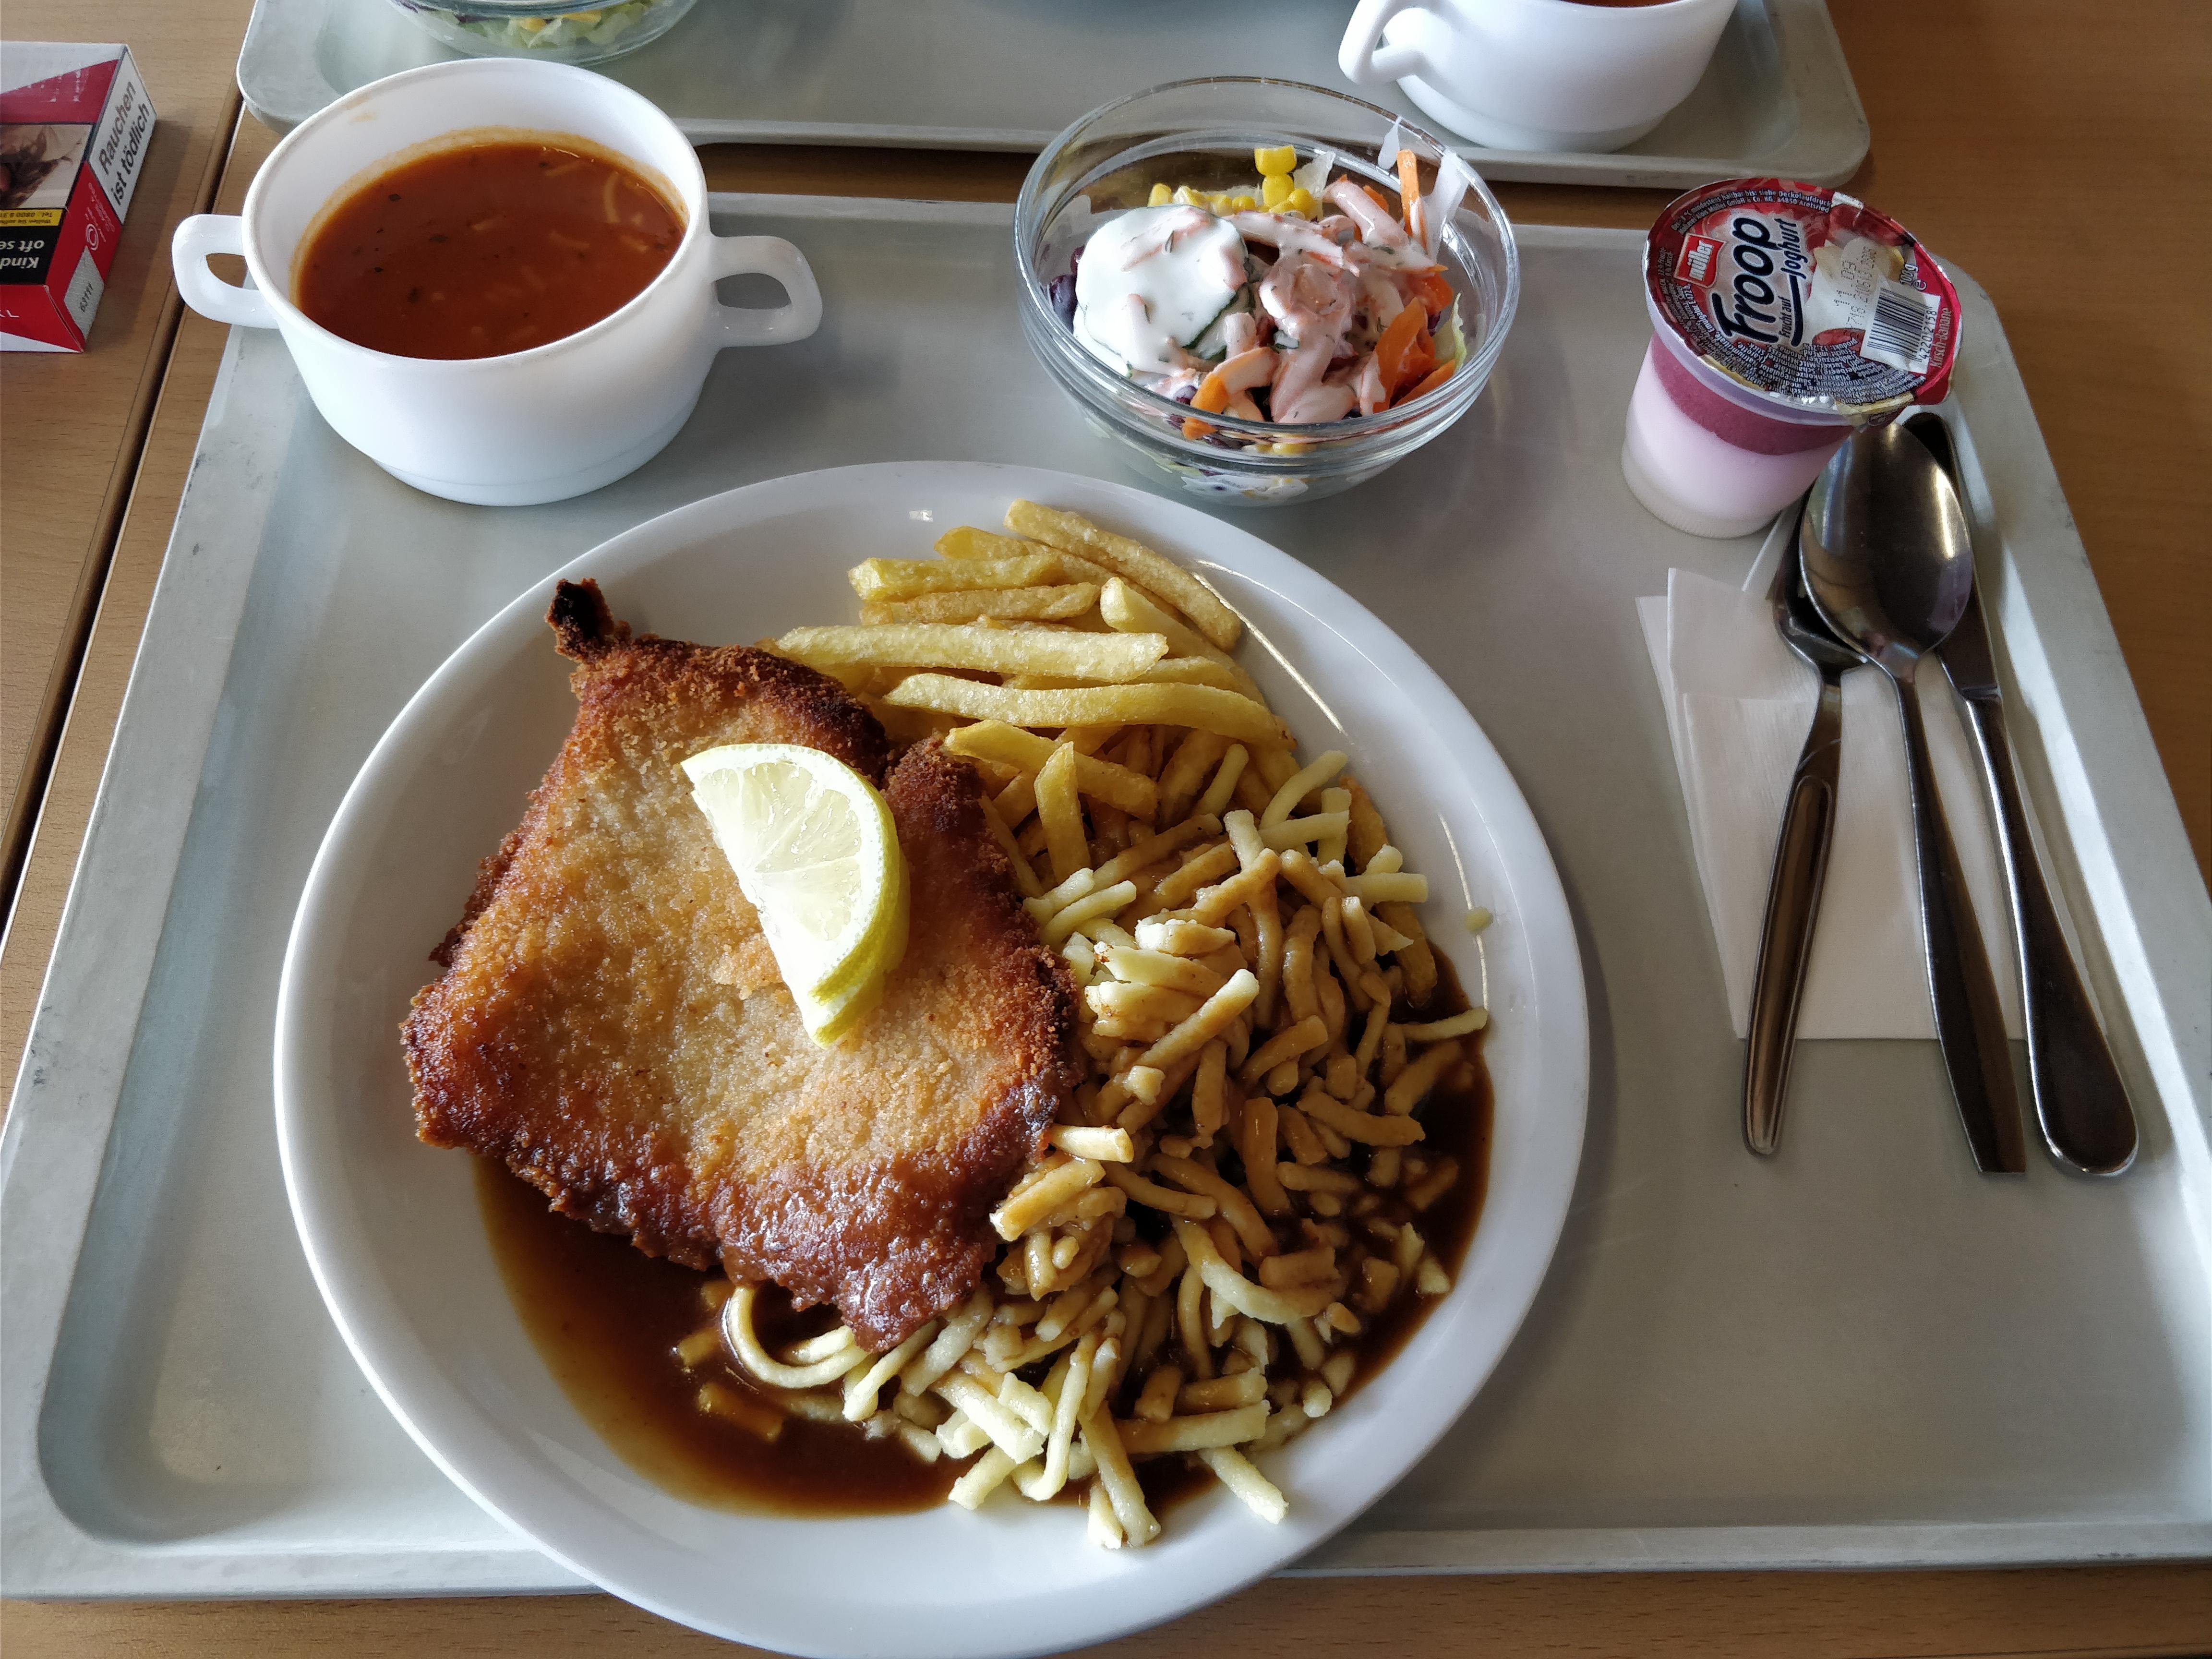 https://foodloader.net/nico_2017-09-07_schnitzel-mit-spaetzle-und-pommes-suppe-salat-und-joghurt.jpg